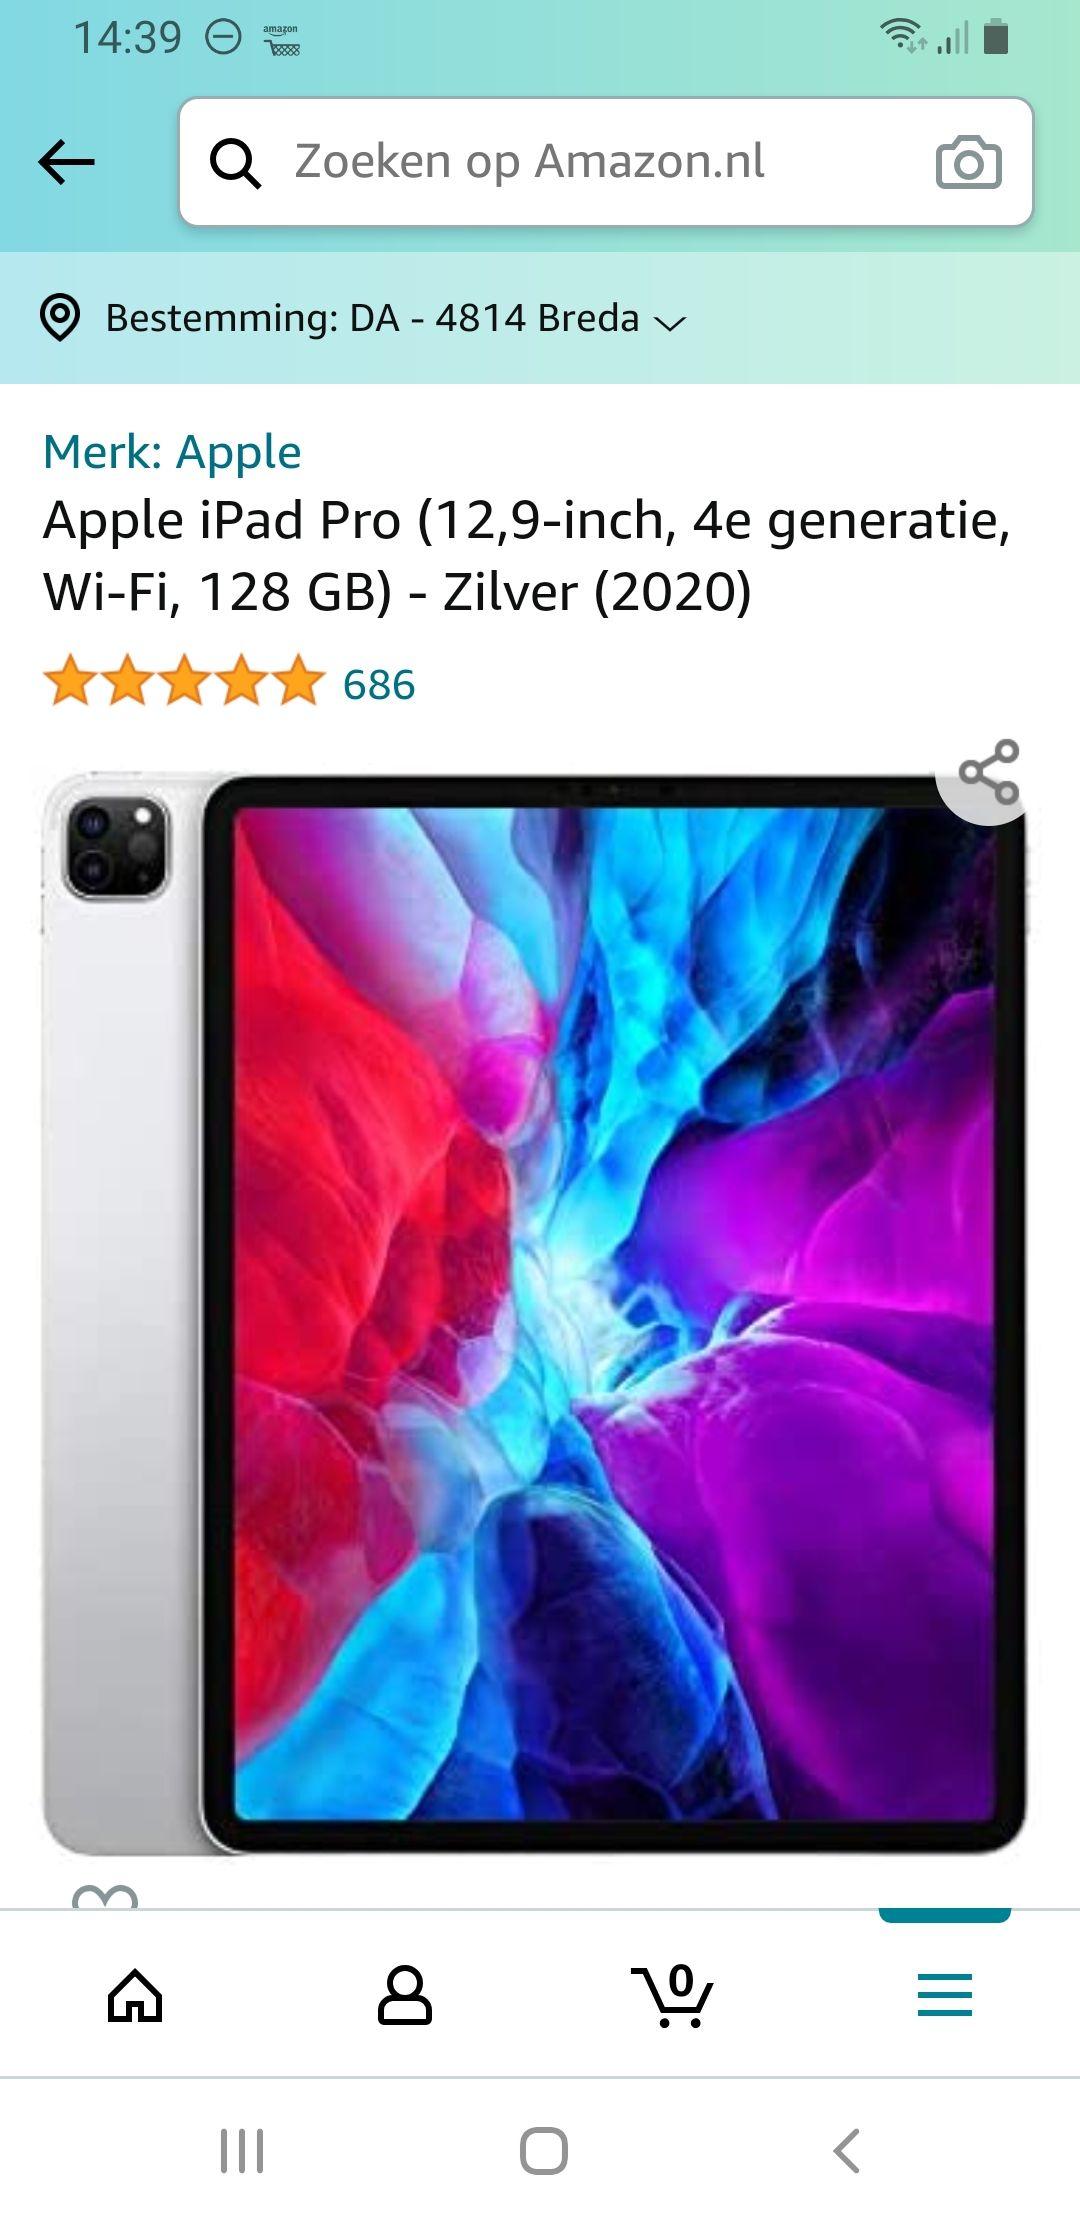 Apple iPad Pro (12,9‑inch, 4e generatie, Wi-Fi, 128GB) - Zilver (2020)